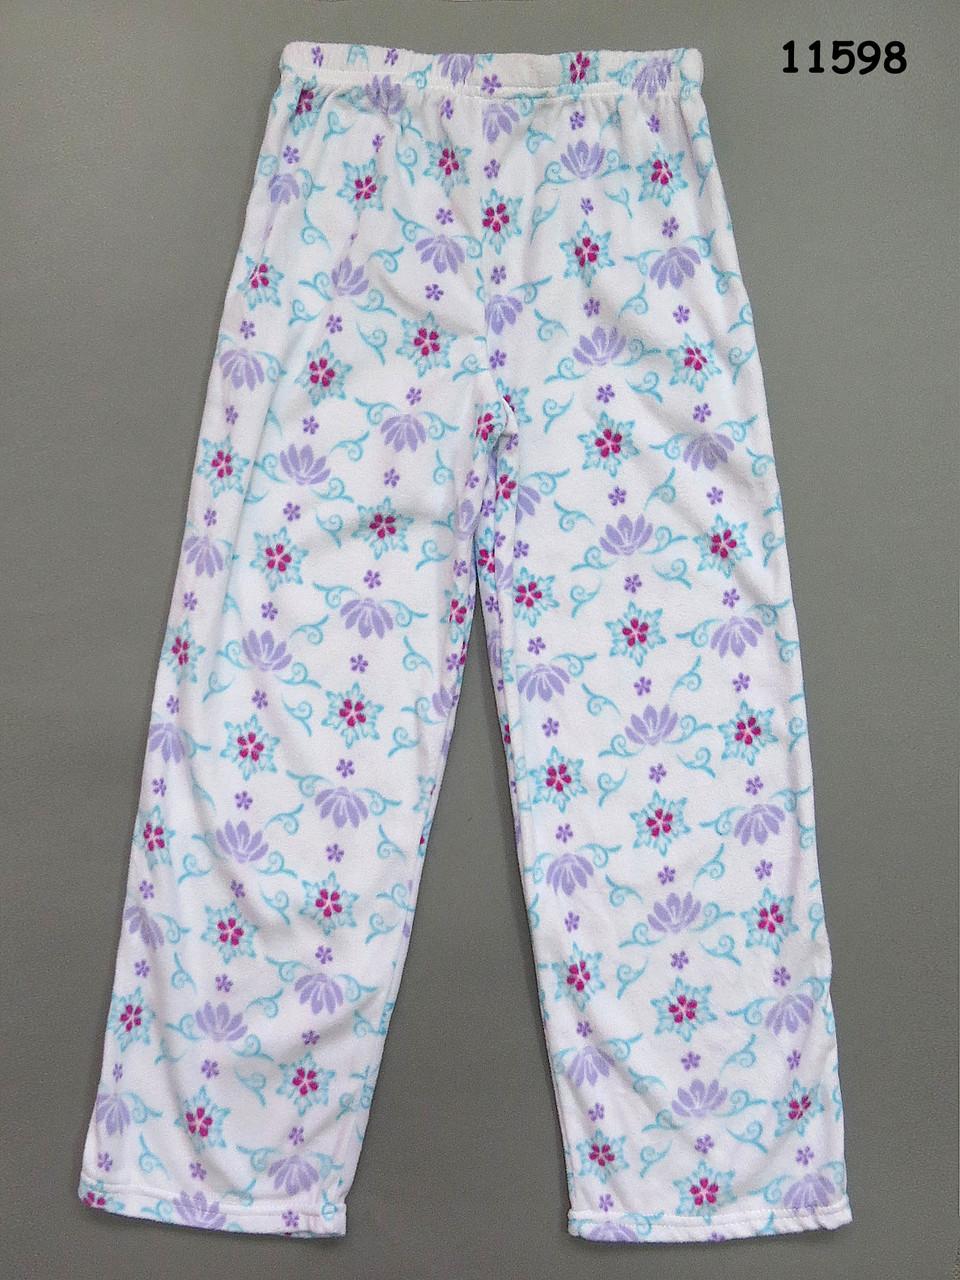 Флисовые домашние штаны для девочки. 10 лет - Детская одежда и товары